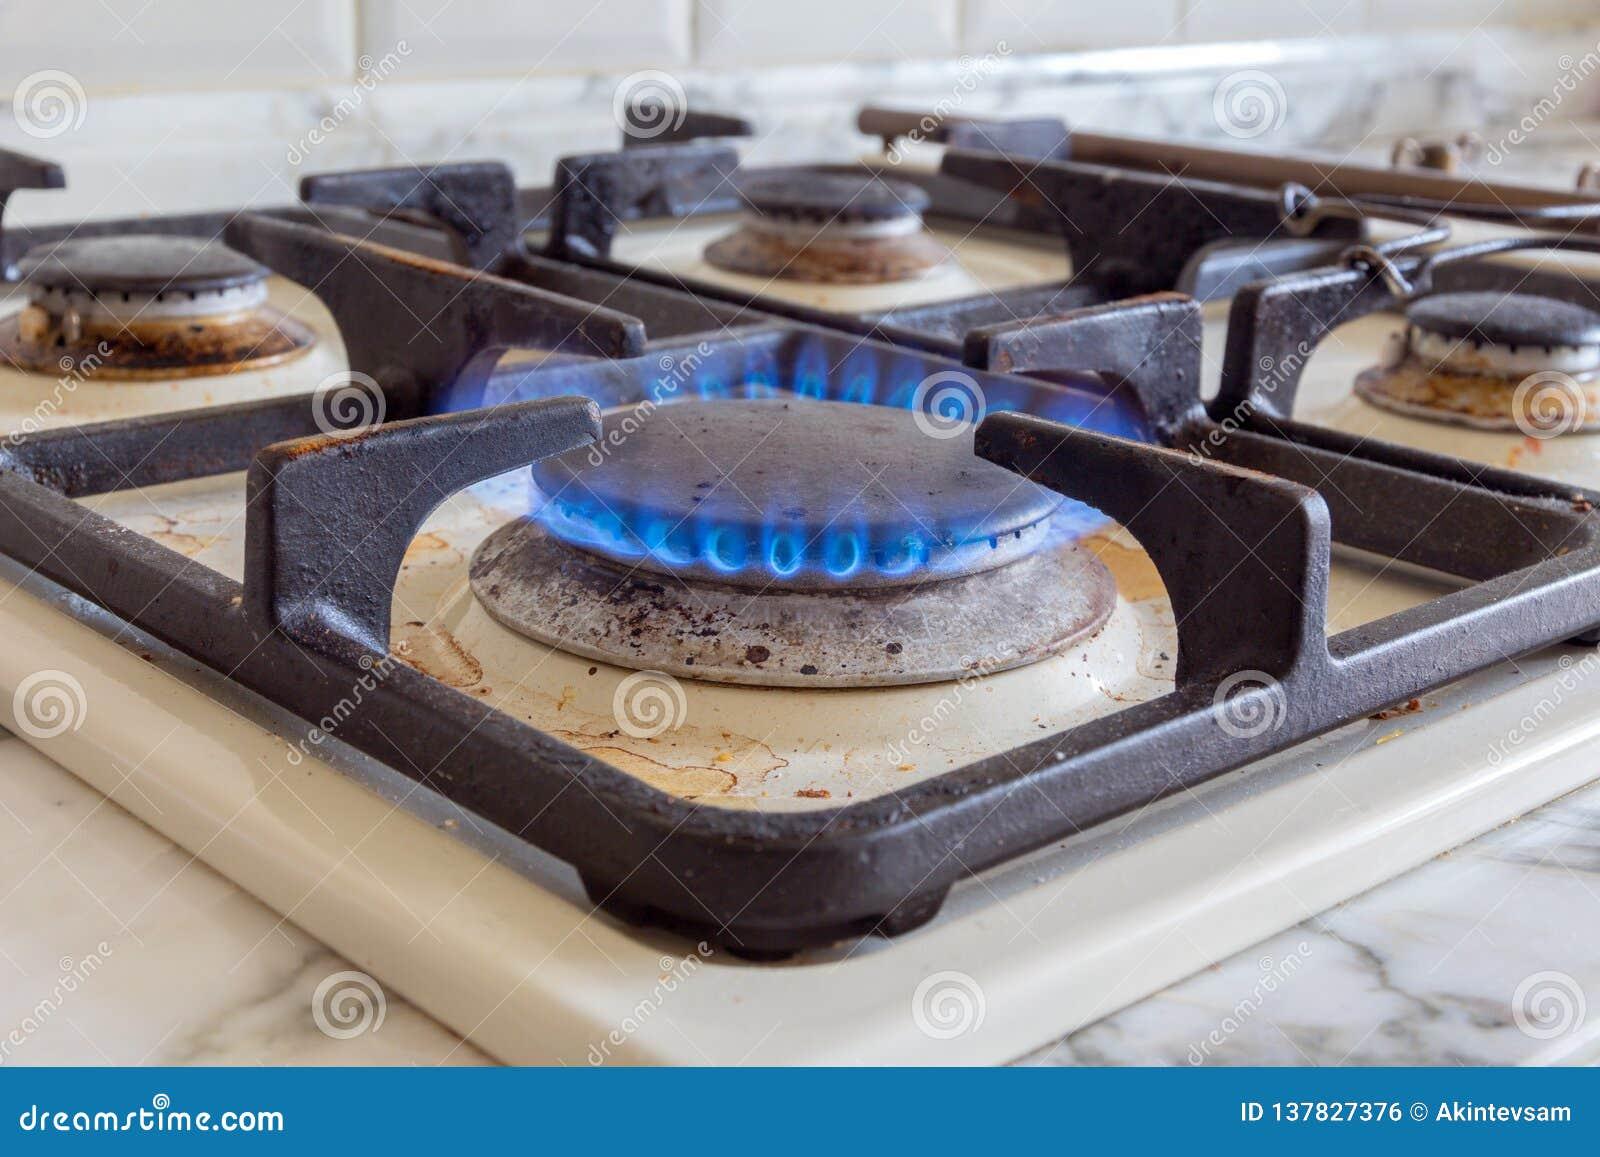 Огонь на грязной газовой плите кухни